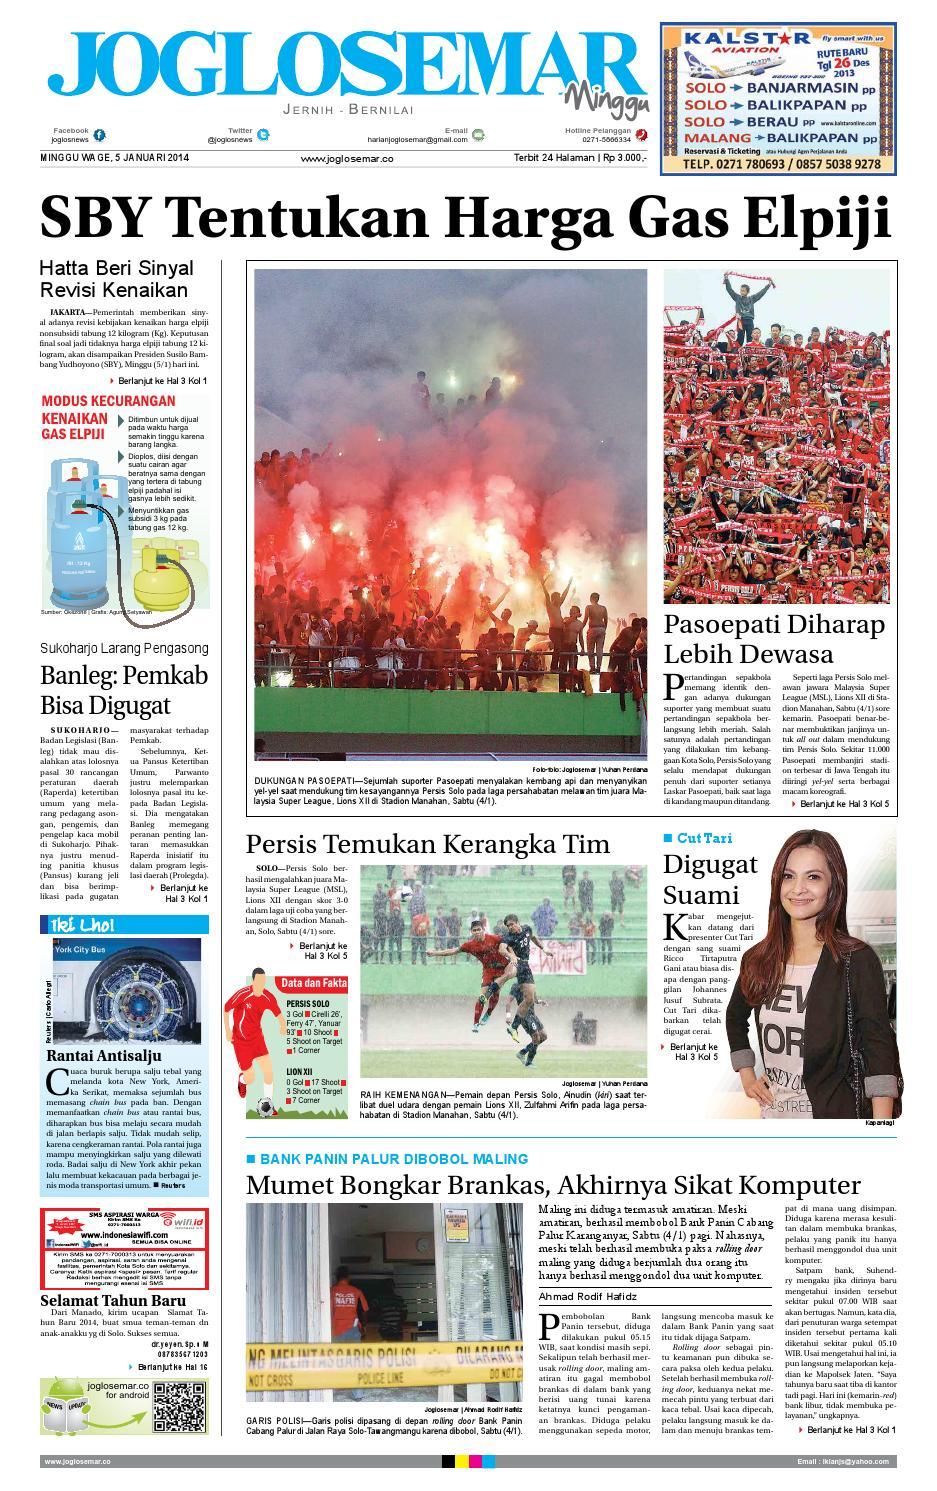 Epaper Edisi 05 Januari 2014 By Pt Joglosemar Prima Media Issuu